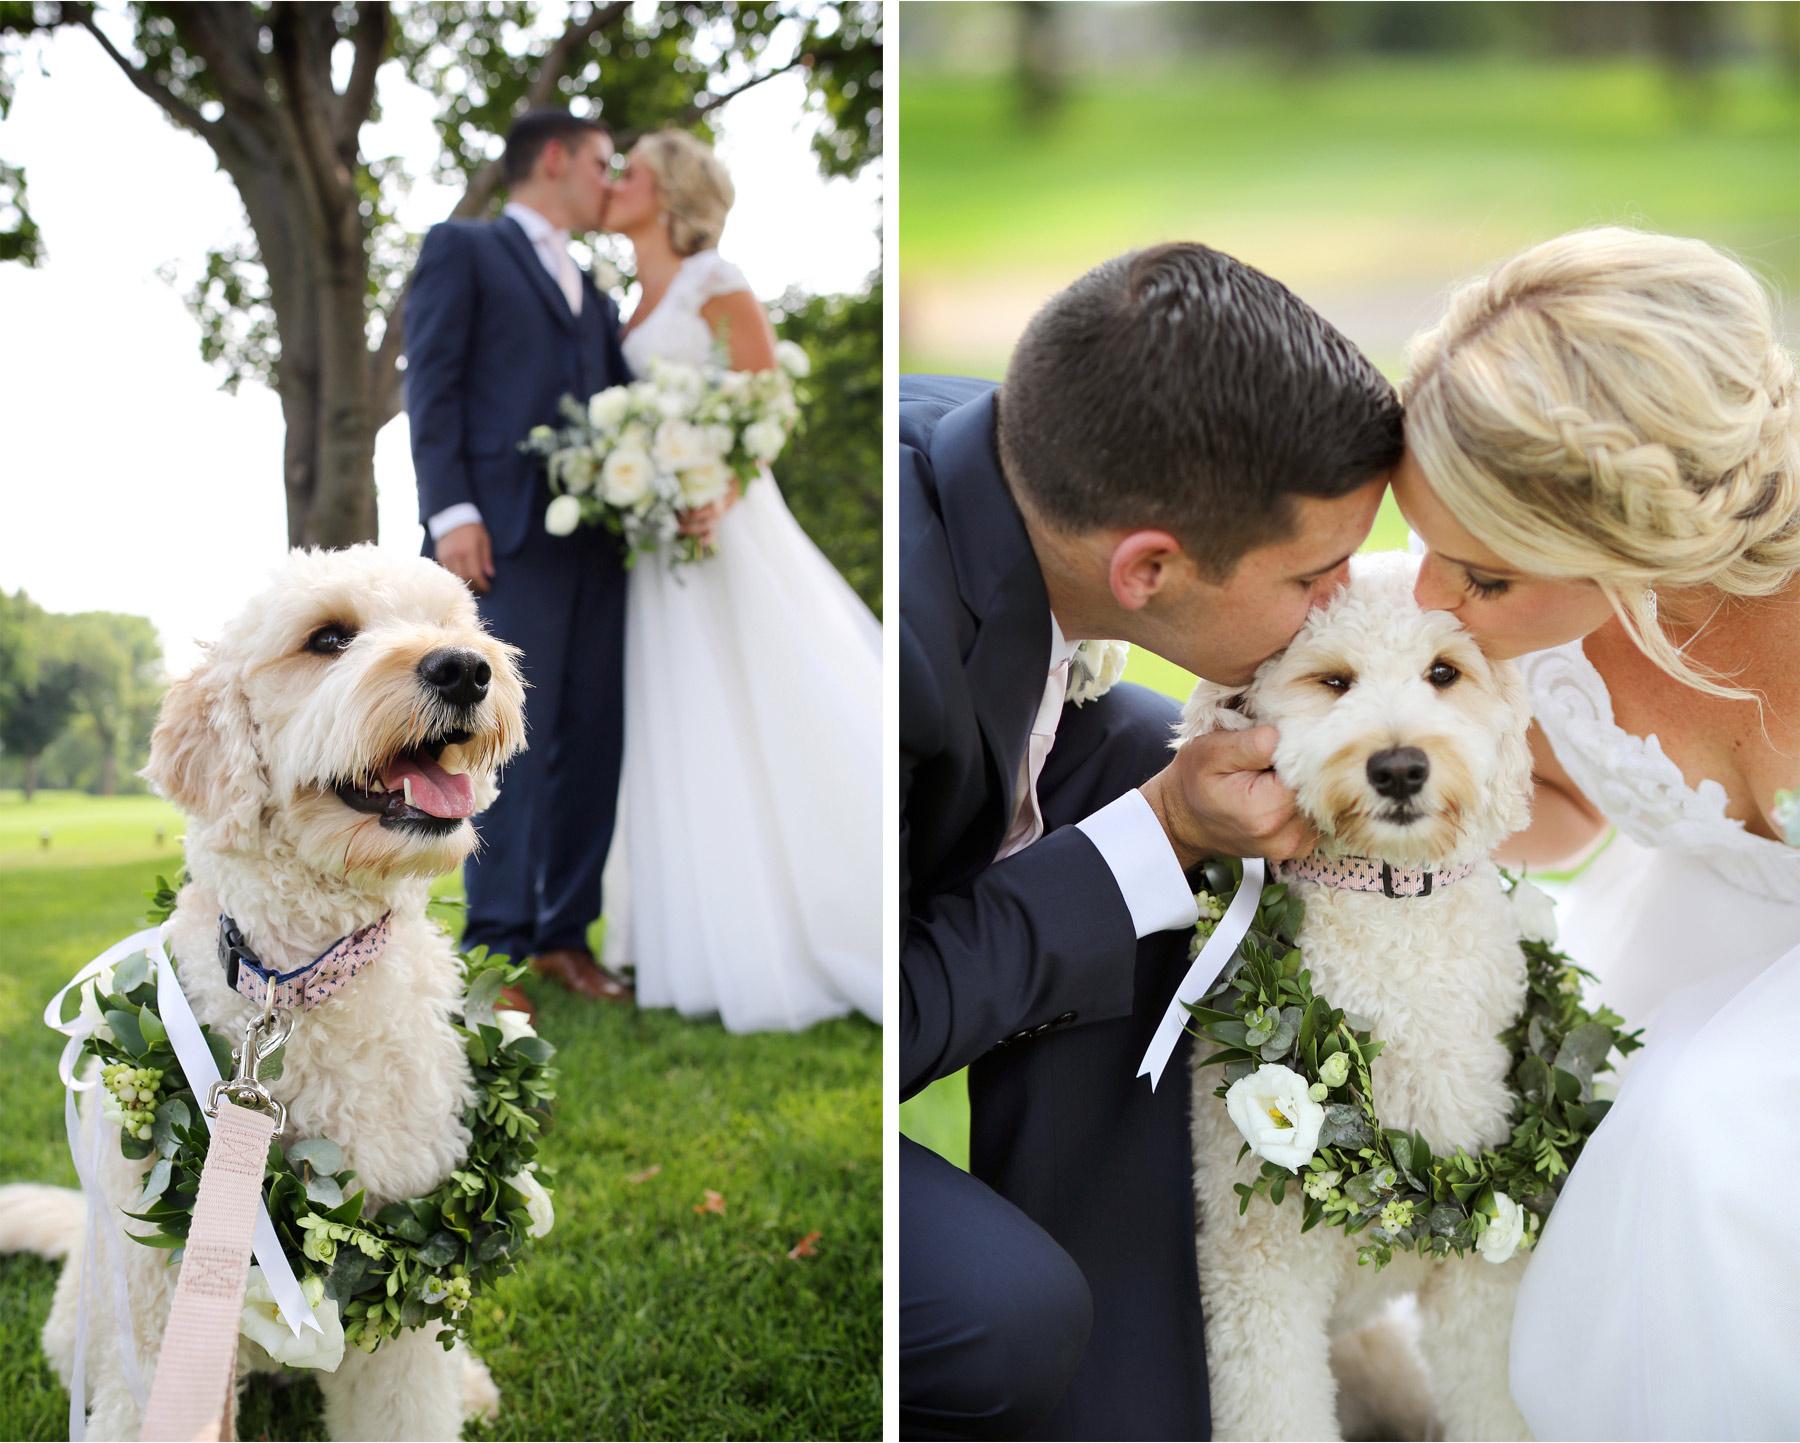 11-Minnetonka-Minnesota-Wedding-Photography-by-Vick-Photography-Lafayette-Club-Lake-Minnetonka-Dog-Jennifer-and-Adam.jpg